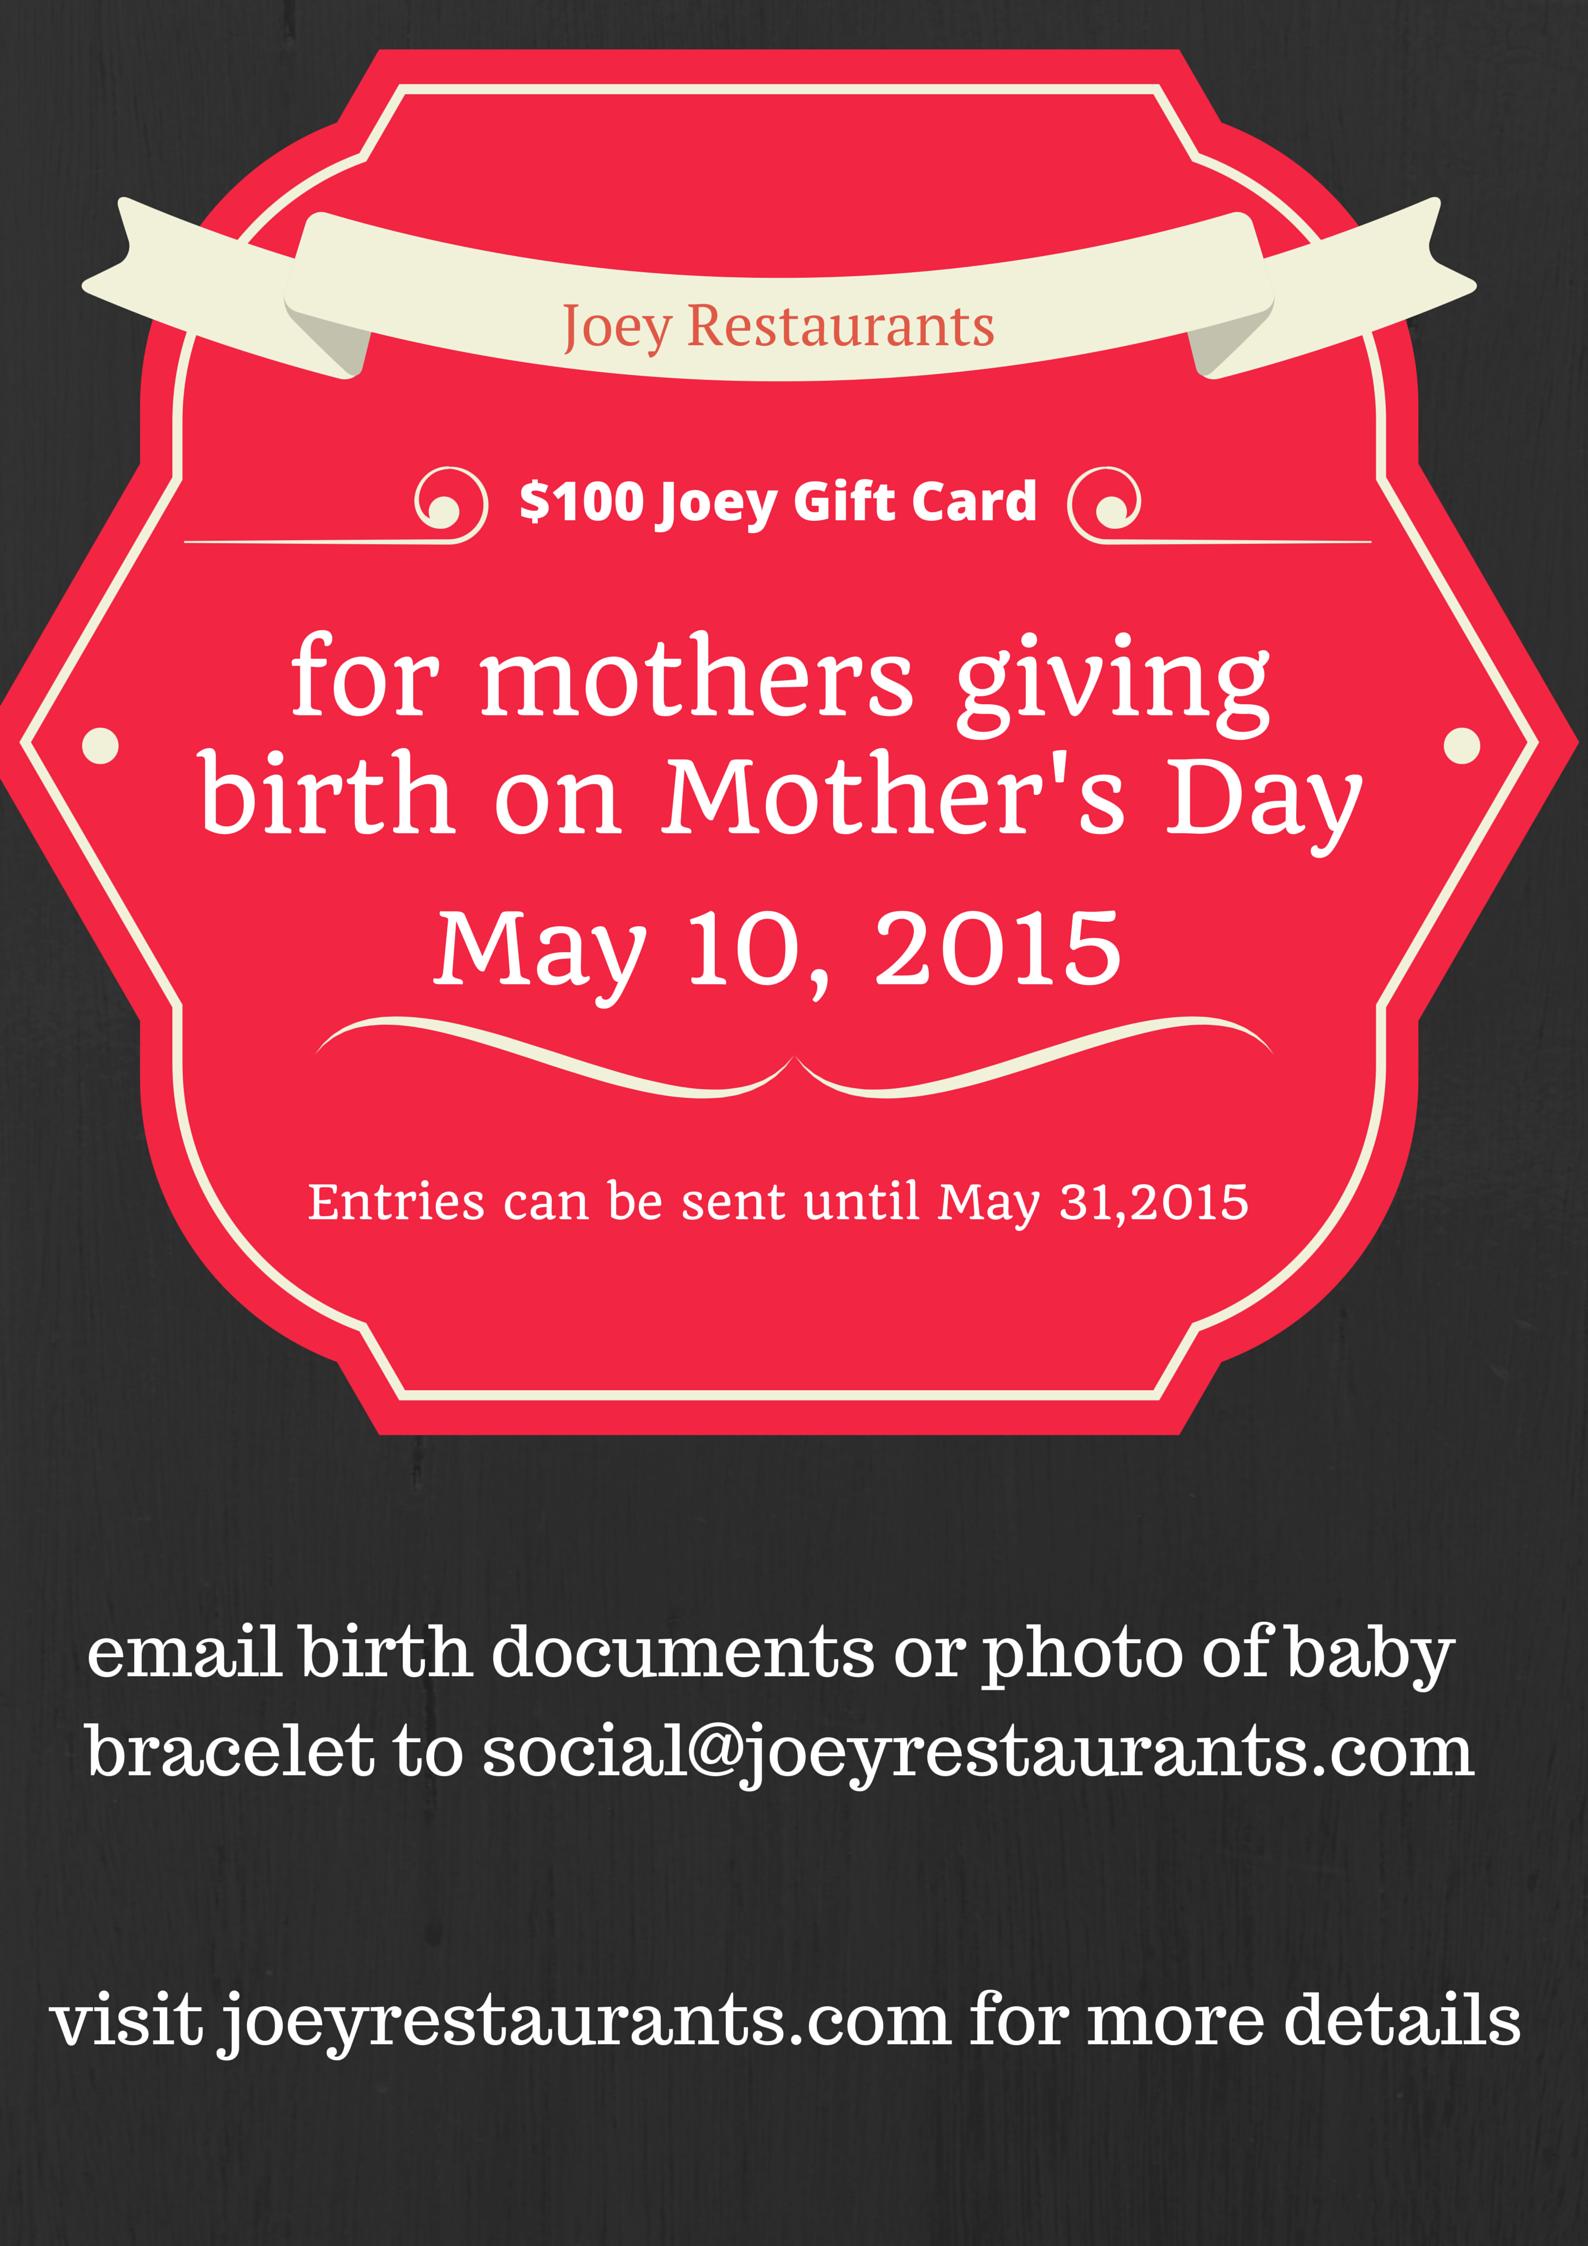 Joey Restaurants mother's day